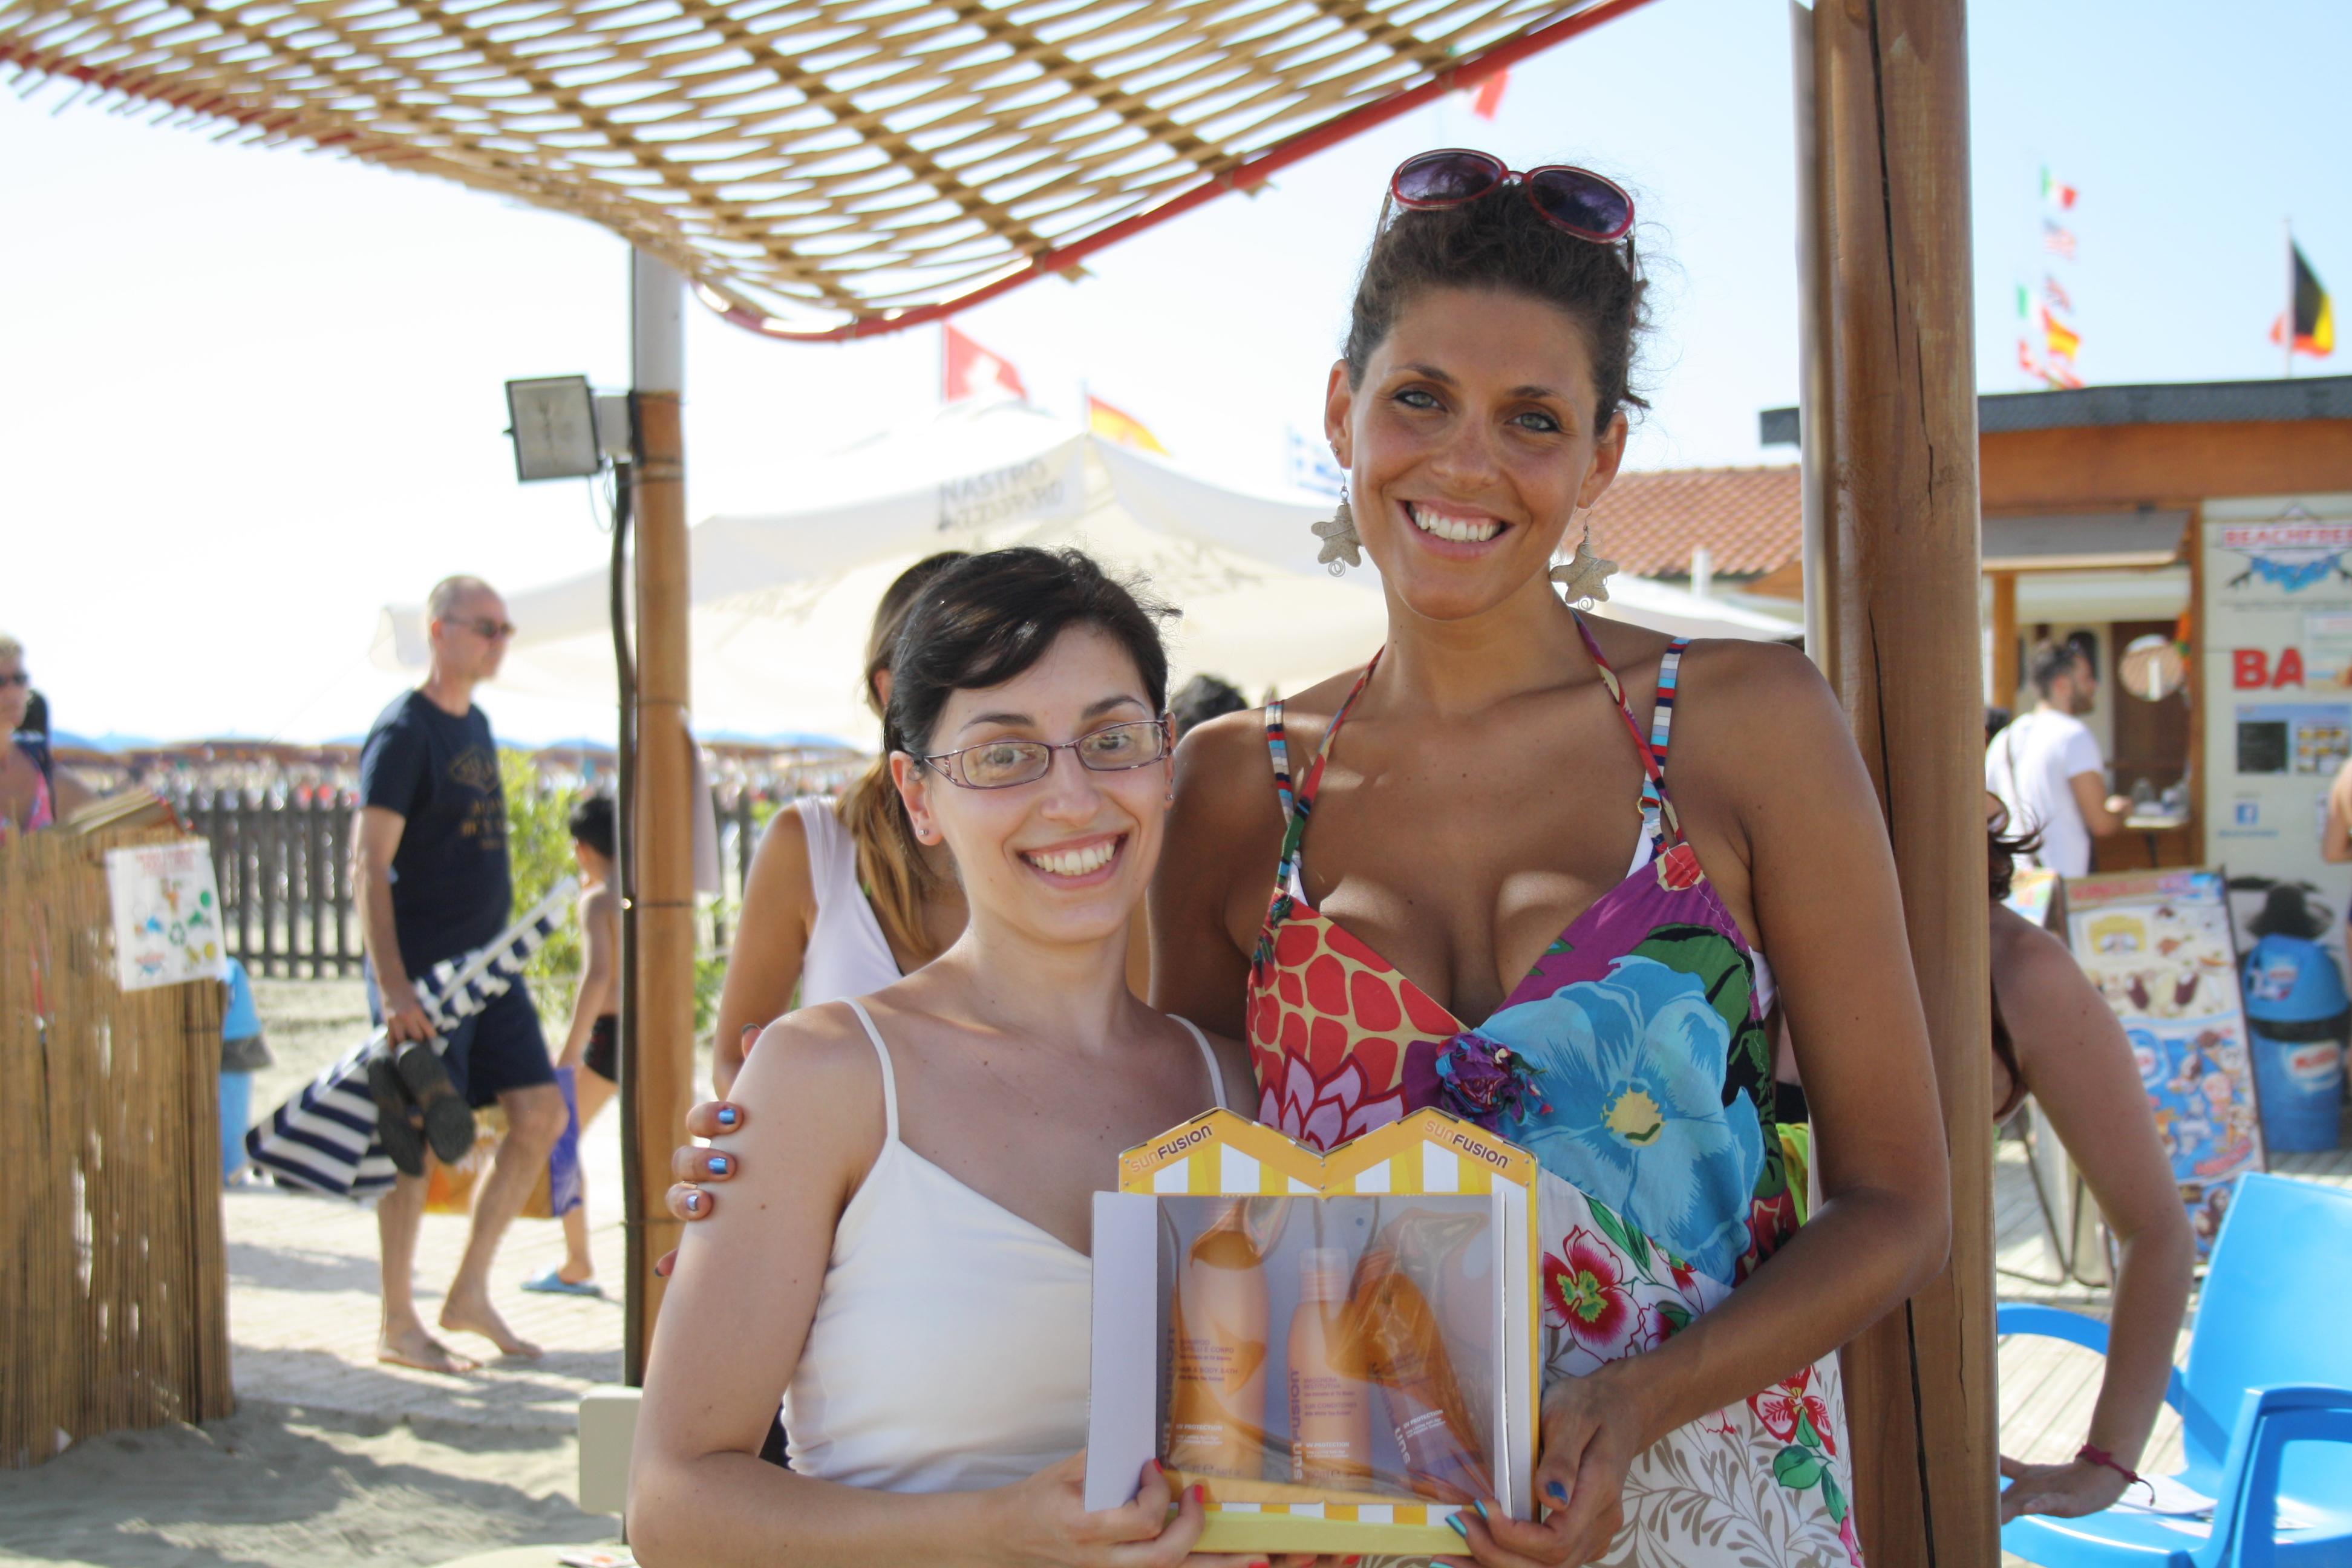 Con Francesca, arrivata seconda e molto soddisfatta del suo premio: lo credo bene!